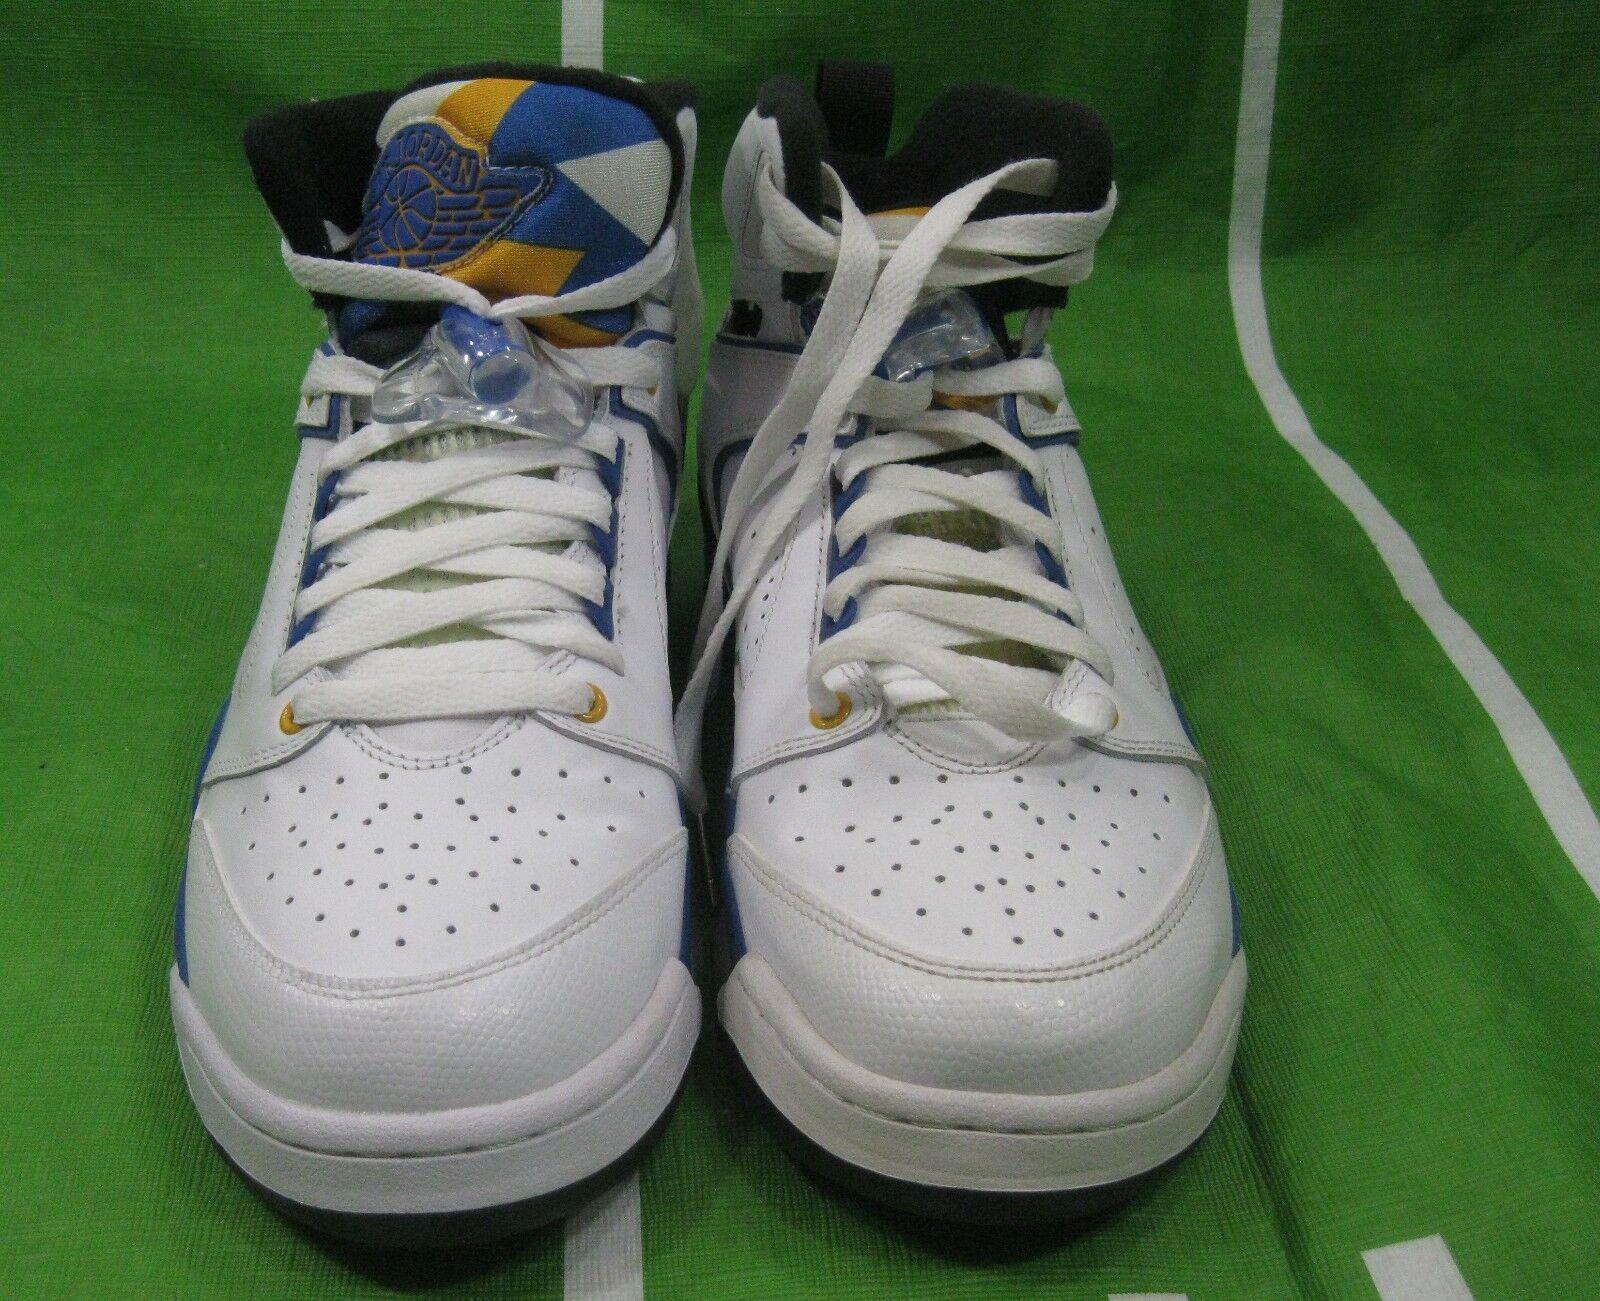 Nike Air Jordan sesenta PLUS 5 Retro Retro Retro